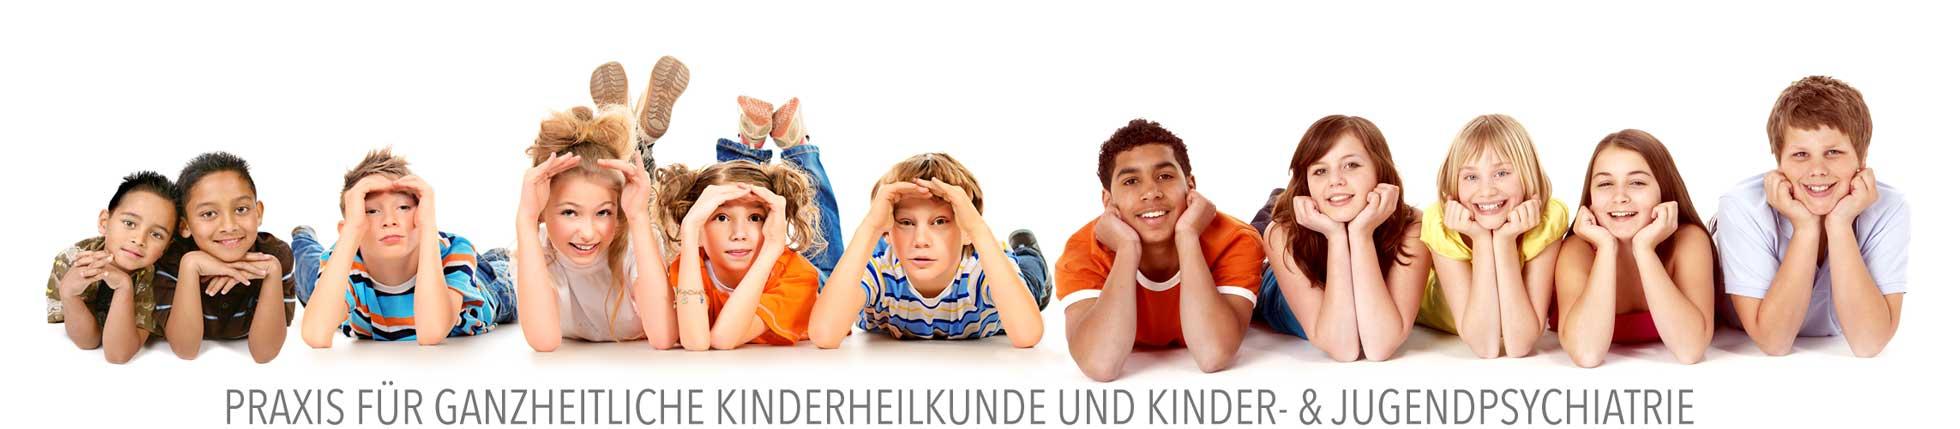 PRAXIS FÜR KINDER- UND JUGENDPSYCHIATRIE IN MÜNCHEN-NEUHAUSEN ZENTRUM FÜR NEUROFEEDBACK